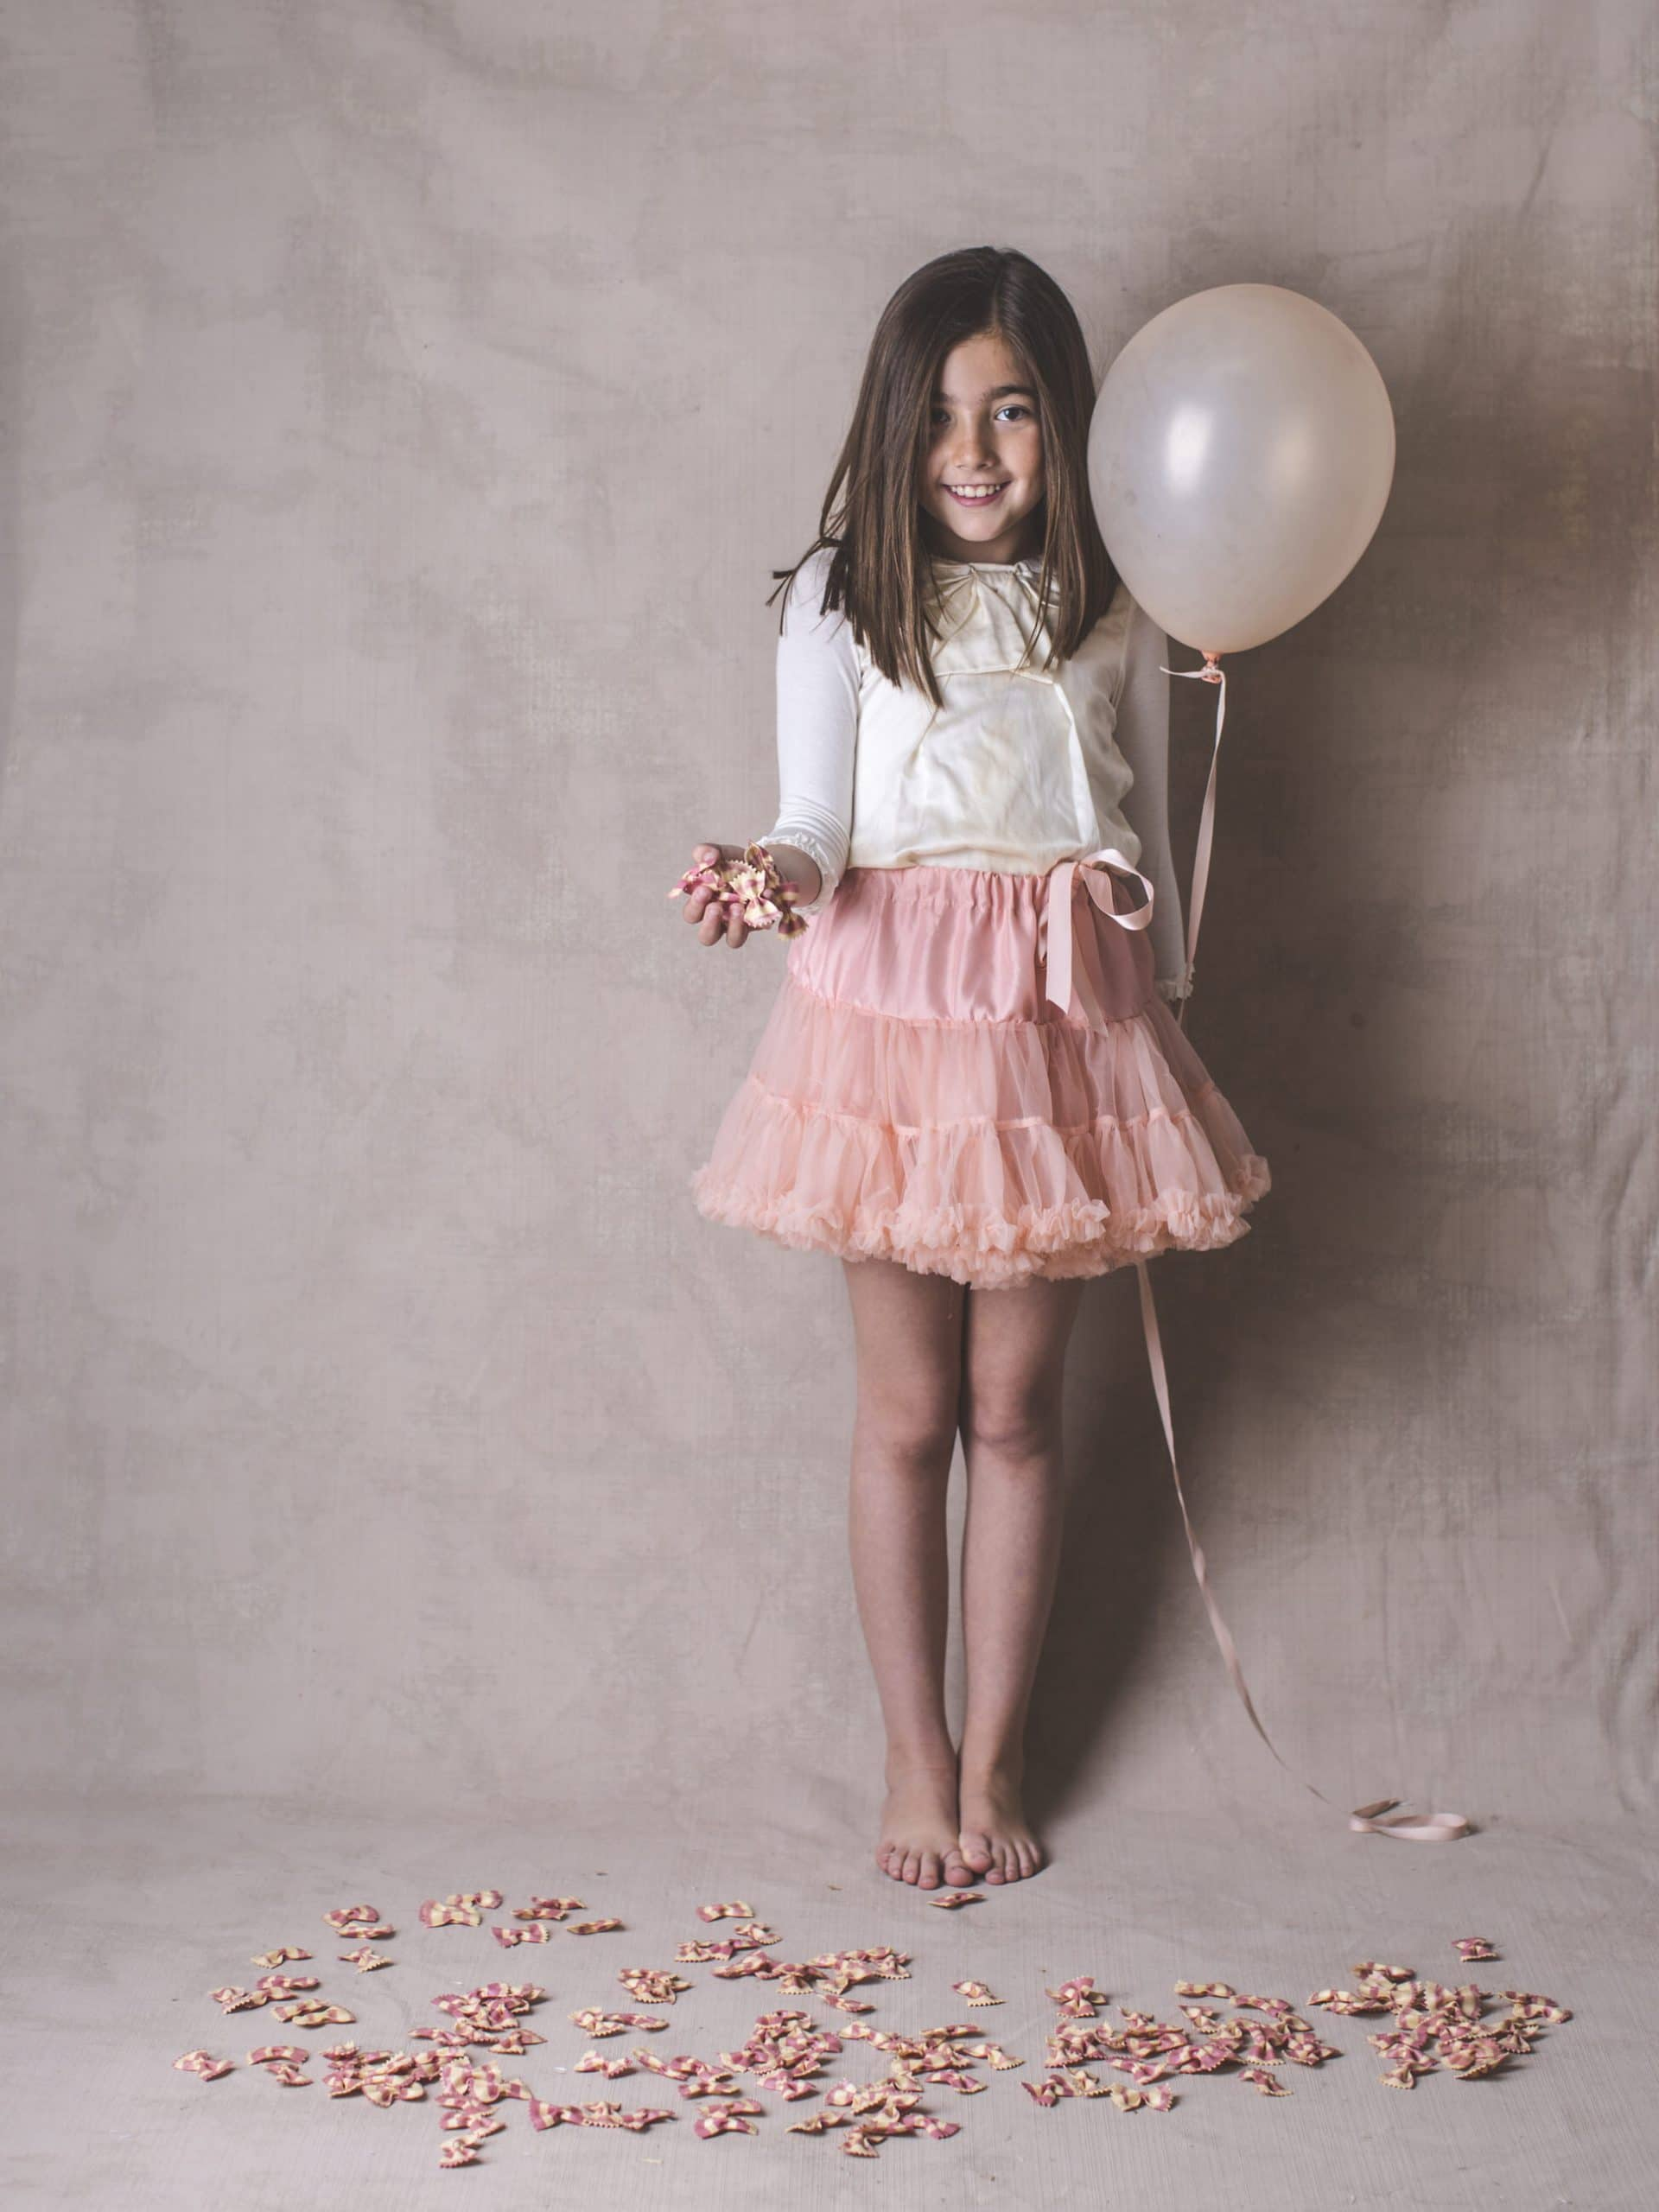 niña con tutu rosa y globo en mano